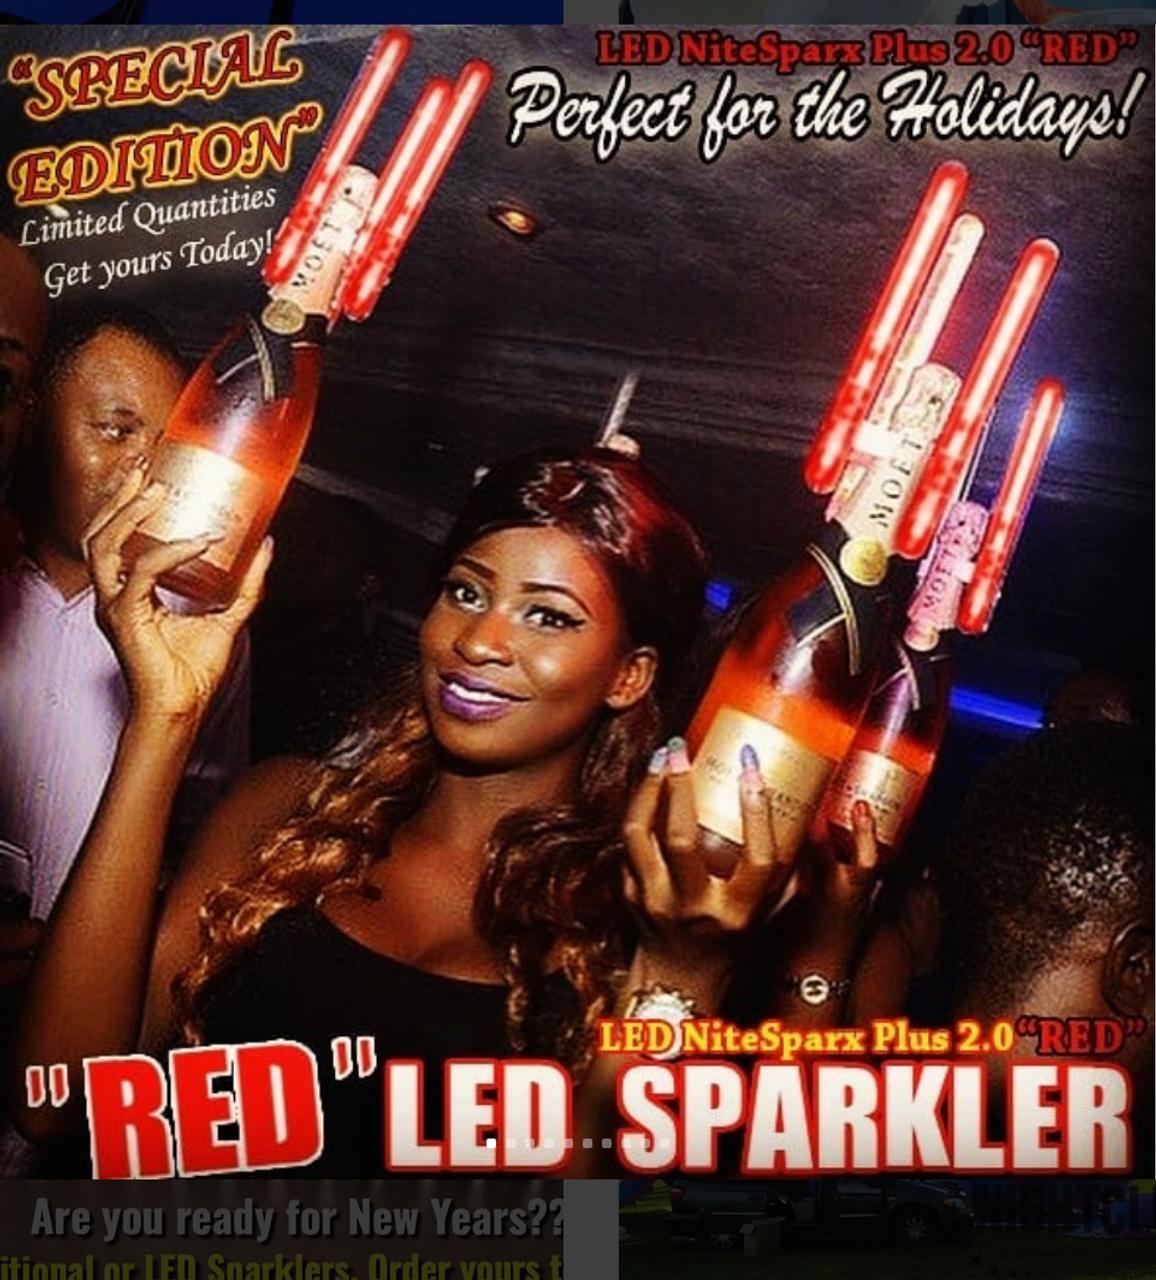 #LED #Nitesparx #Plus #Alternative #Safe #electronic #Sparkler #Red #Sparx #Flameless #LEDSparkler #NYE2018